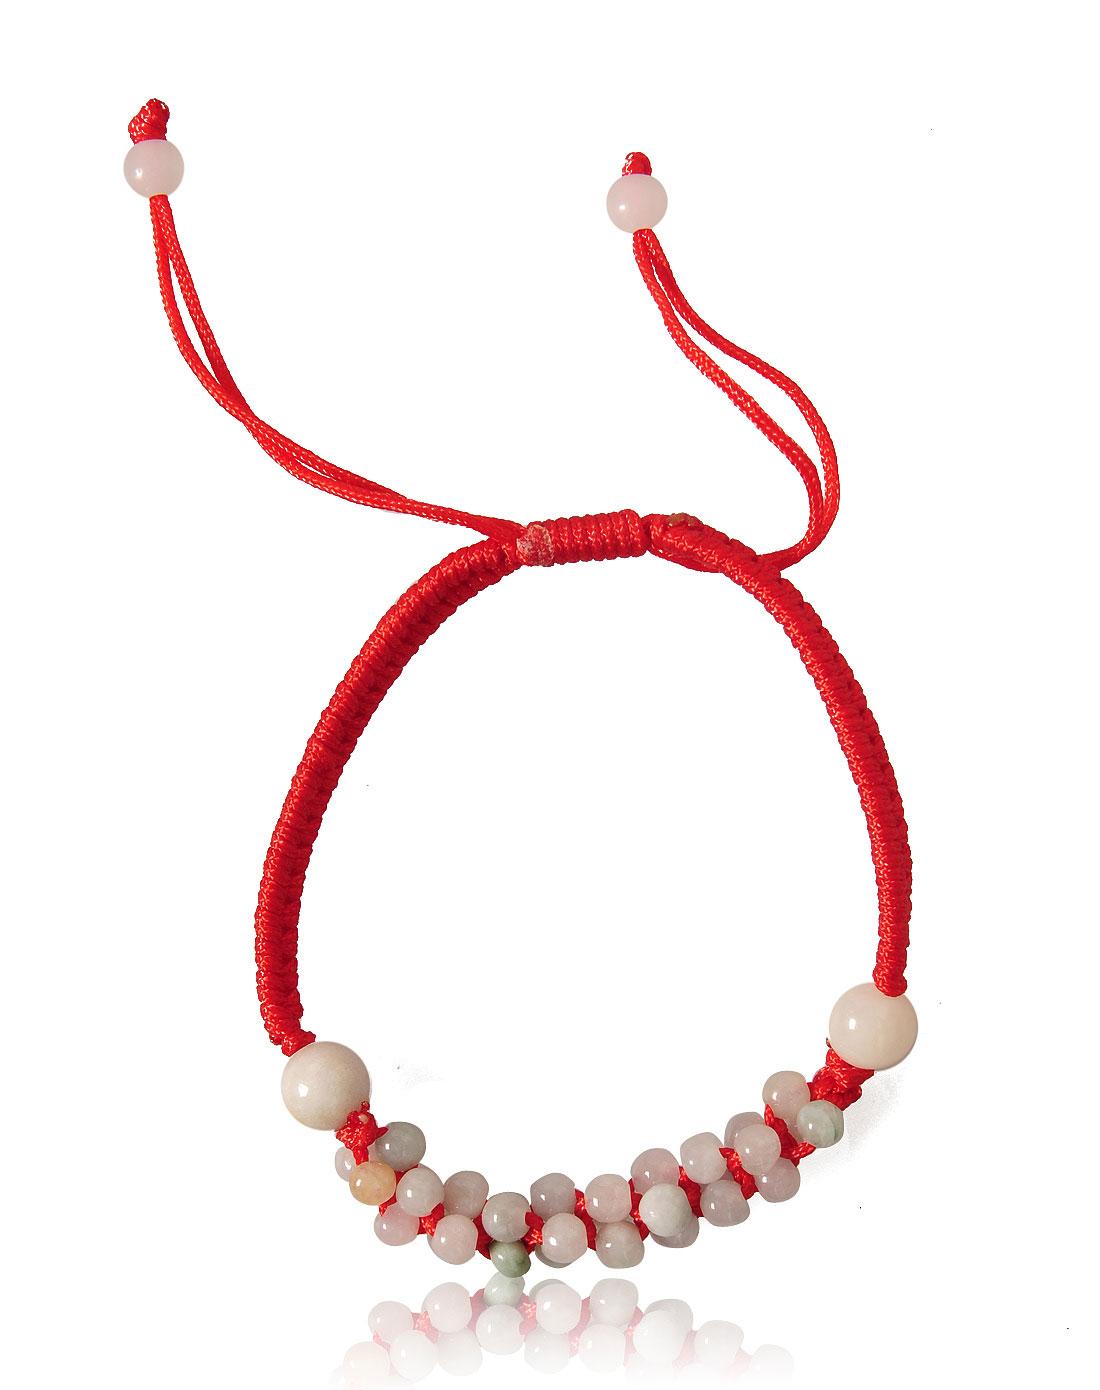 天然翡翠珠子红绳编织手链